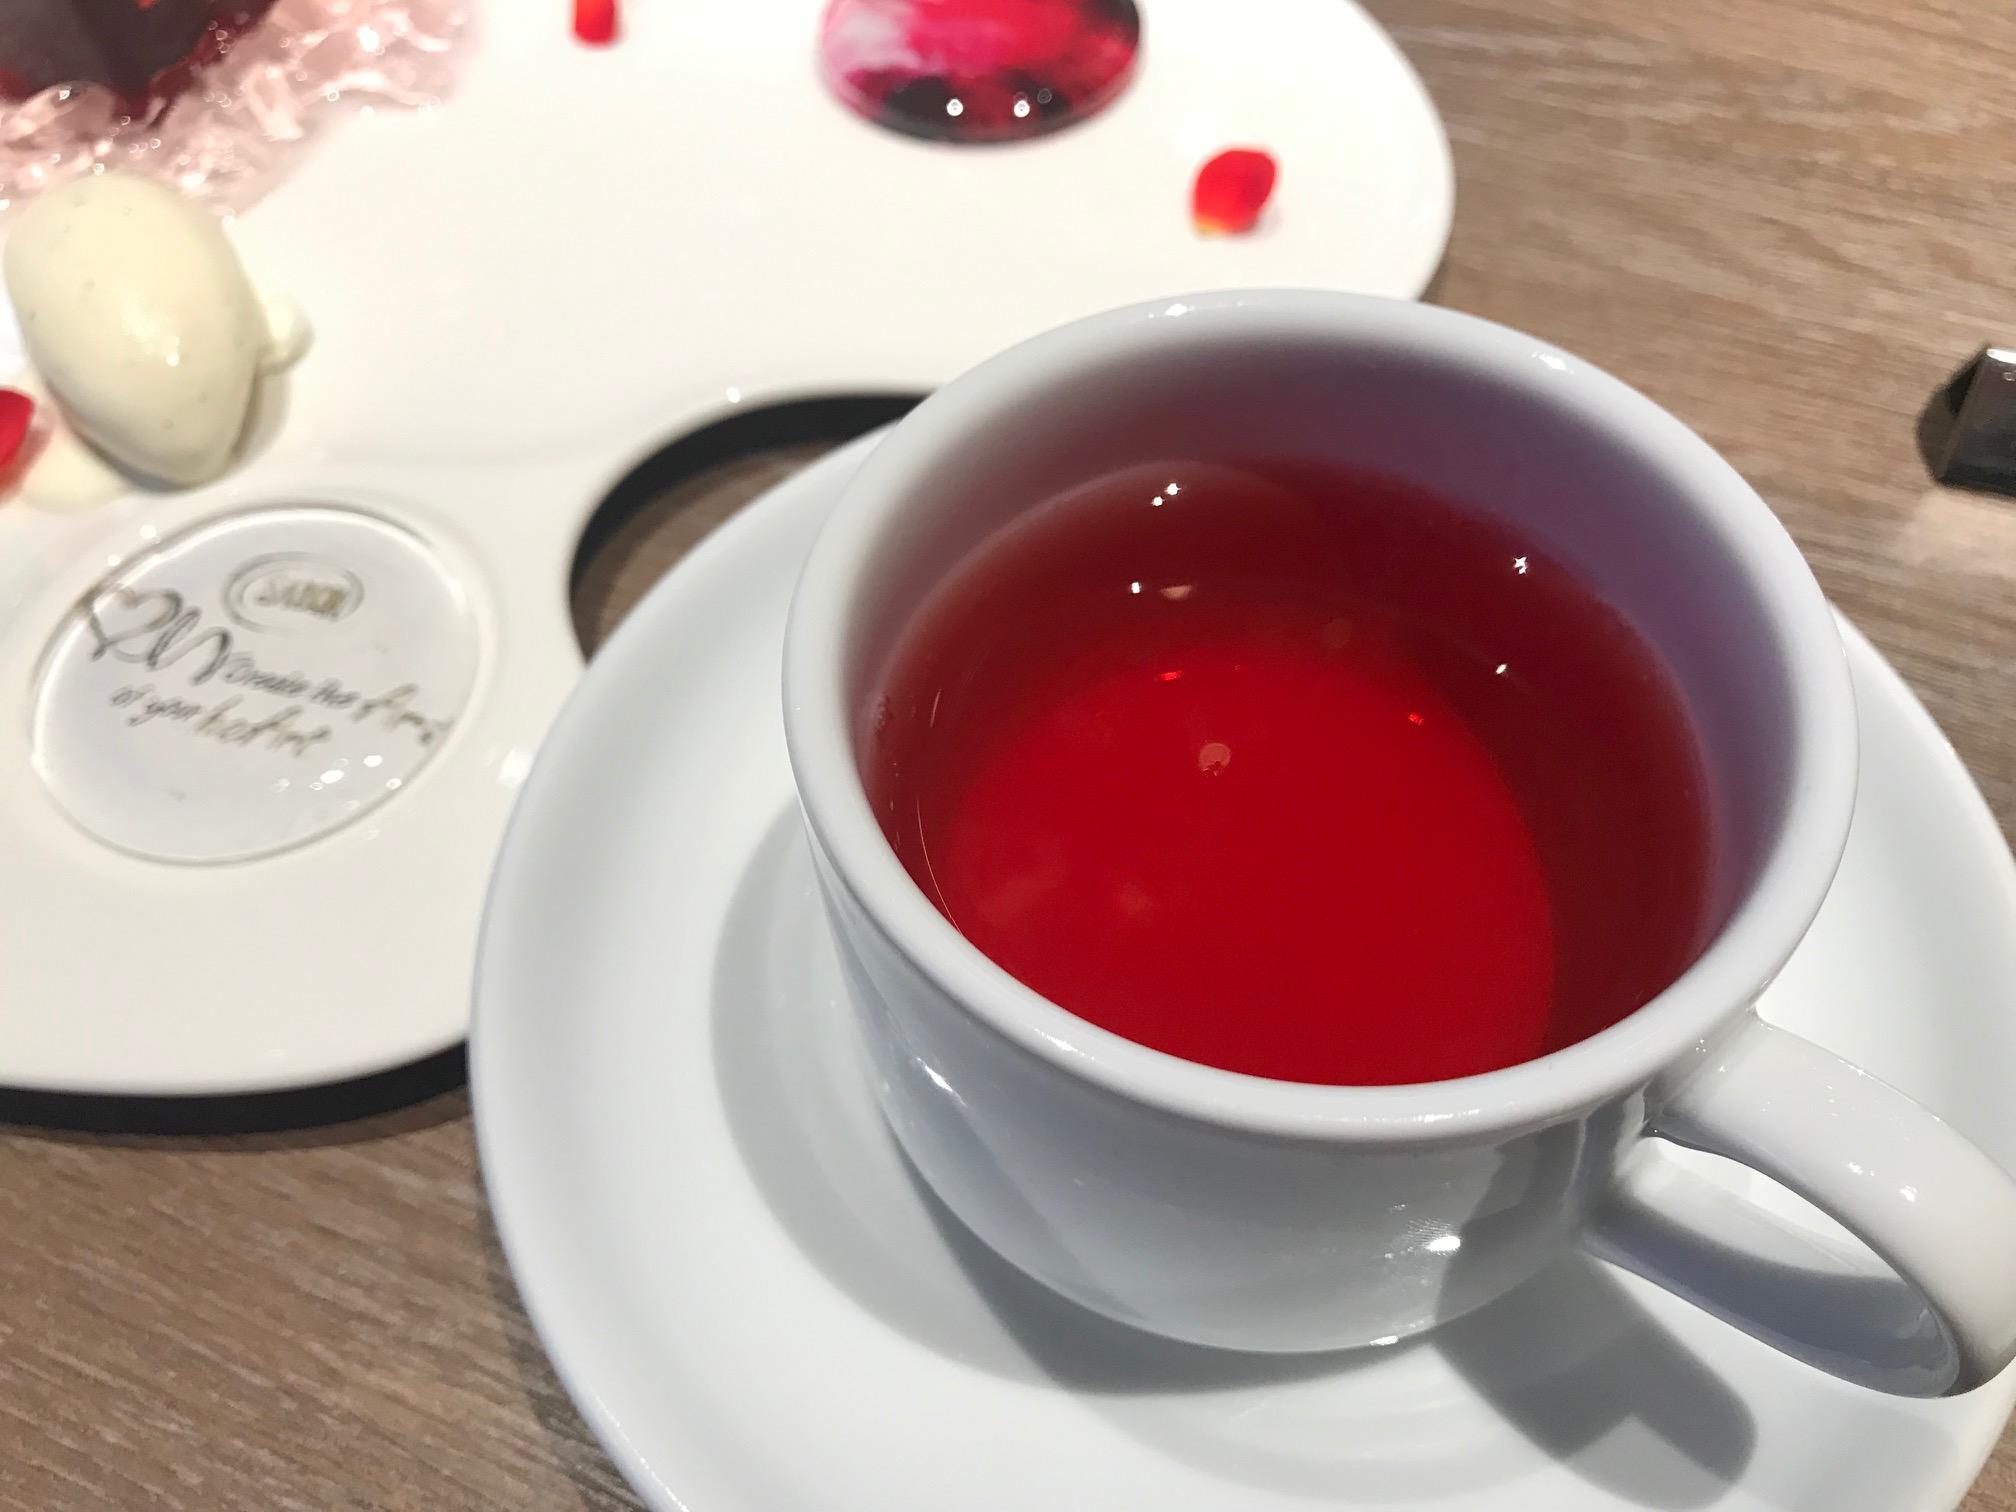 『SABON』が贈る、ローズ香るピンクのディナー(しかも特典つき♡)!! 今度のデートや女子会は『ザ ストリングス 表参道』で_8